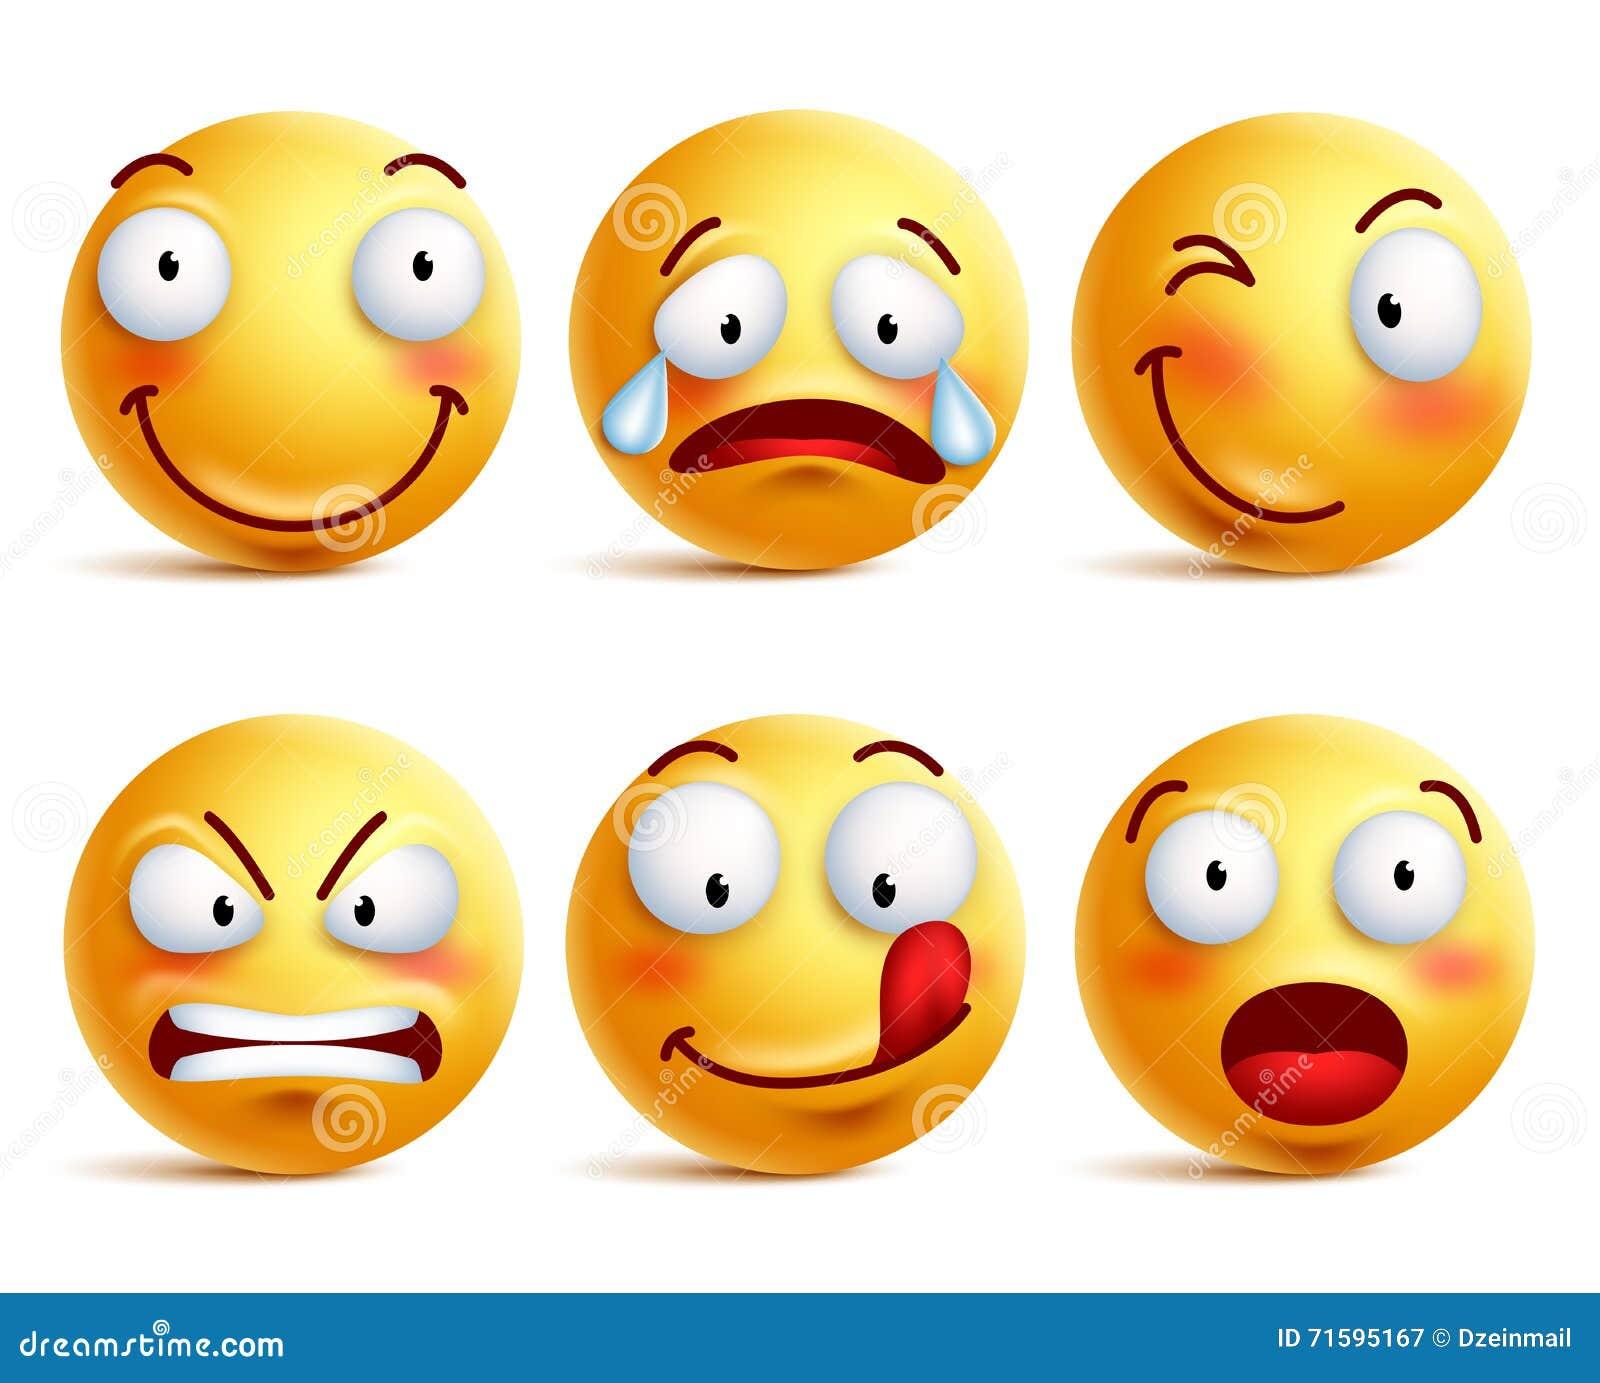 Sistema de iconos sonrientes de la cara o de emoticons amarillos con diversas expresiones faciales